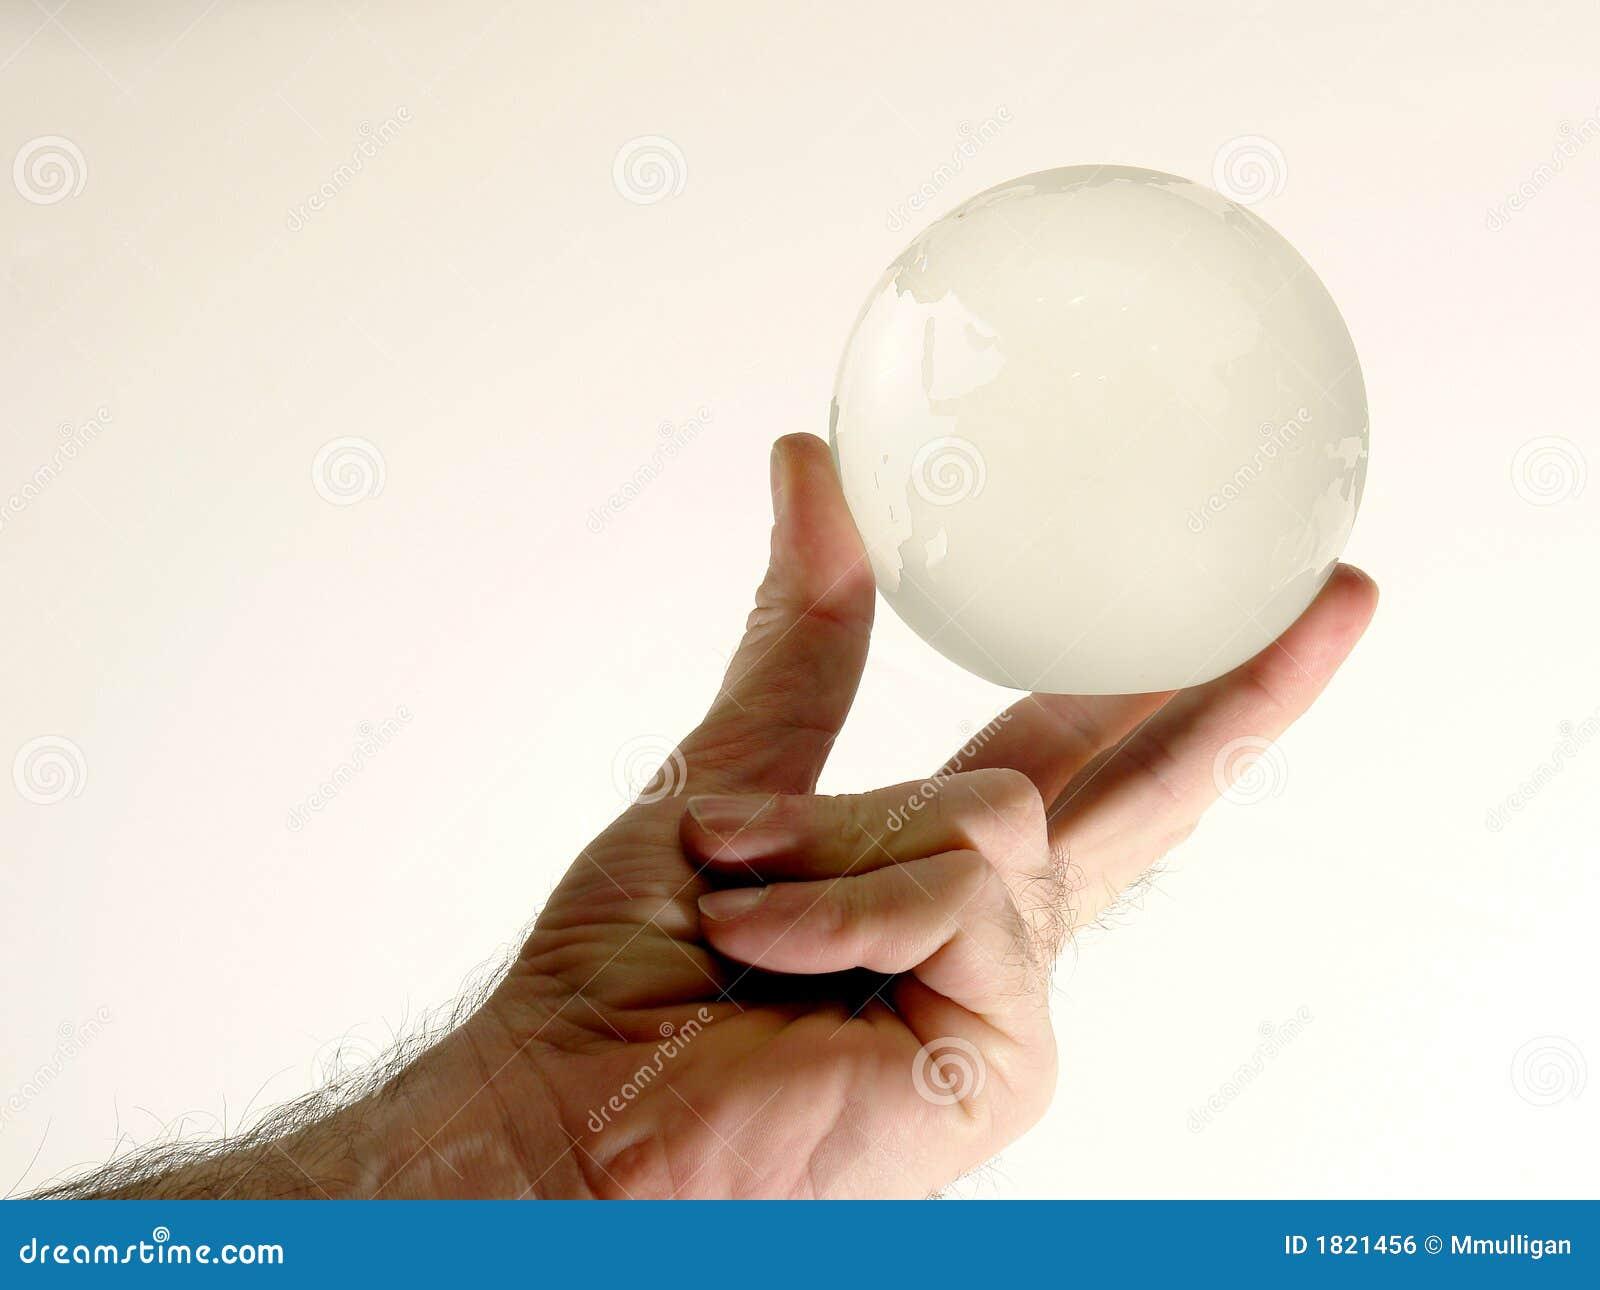 Kryształową kulę